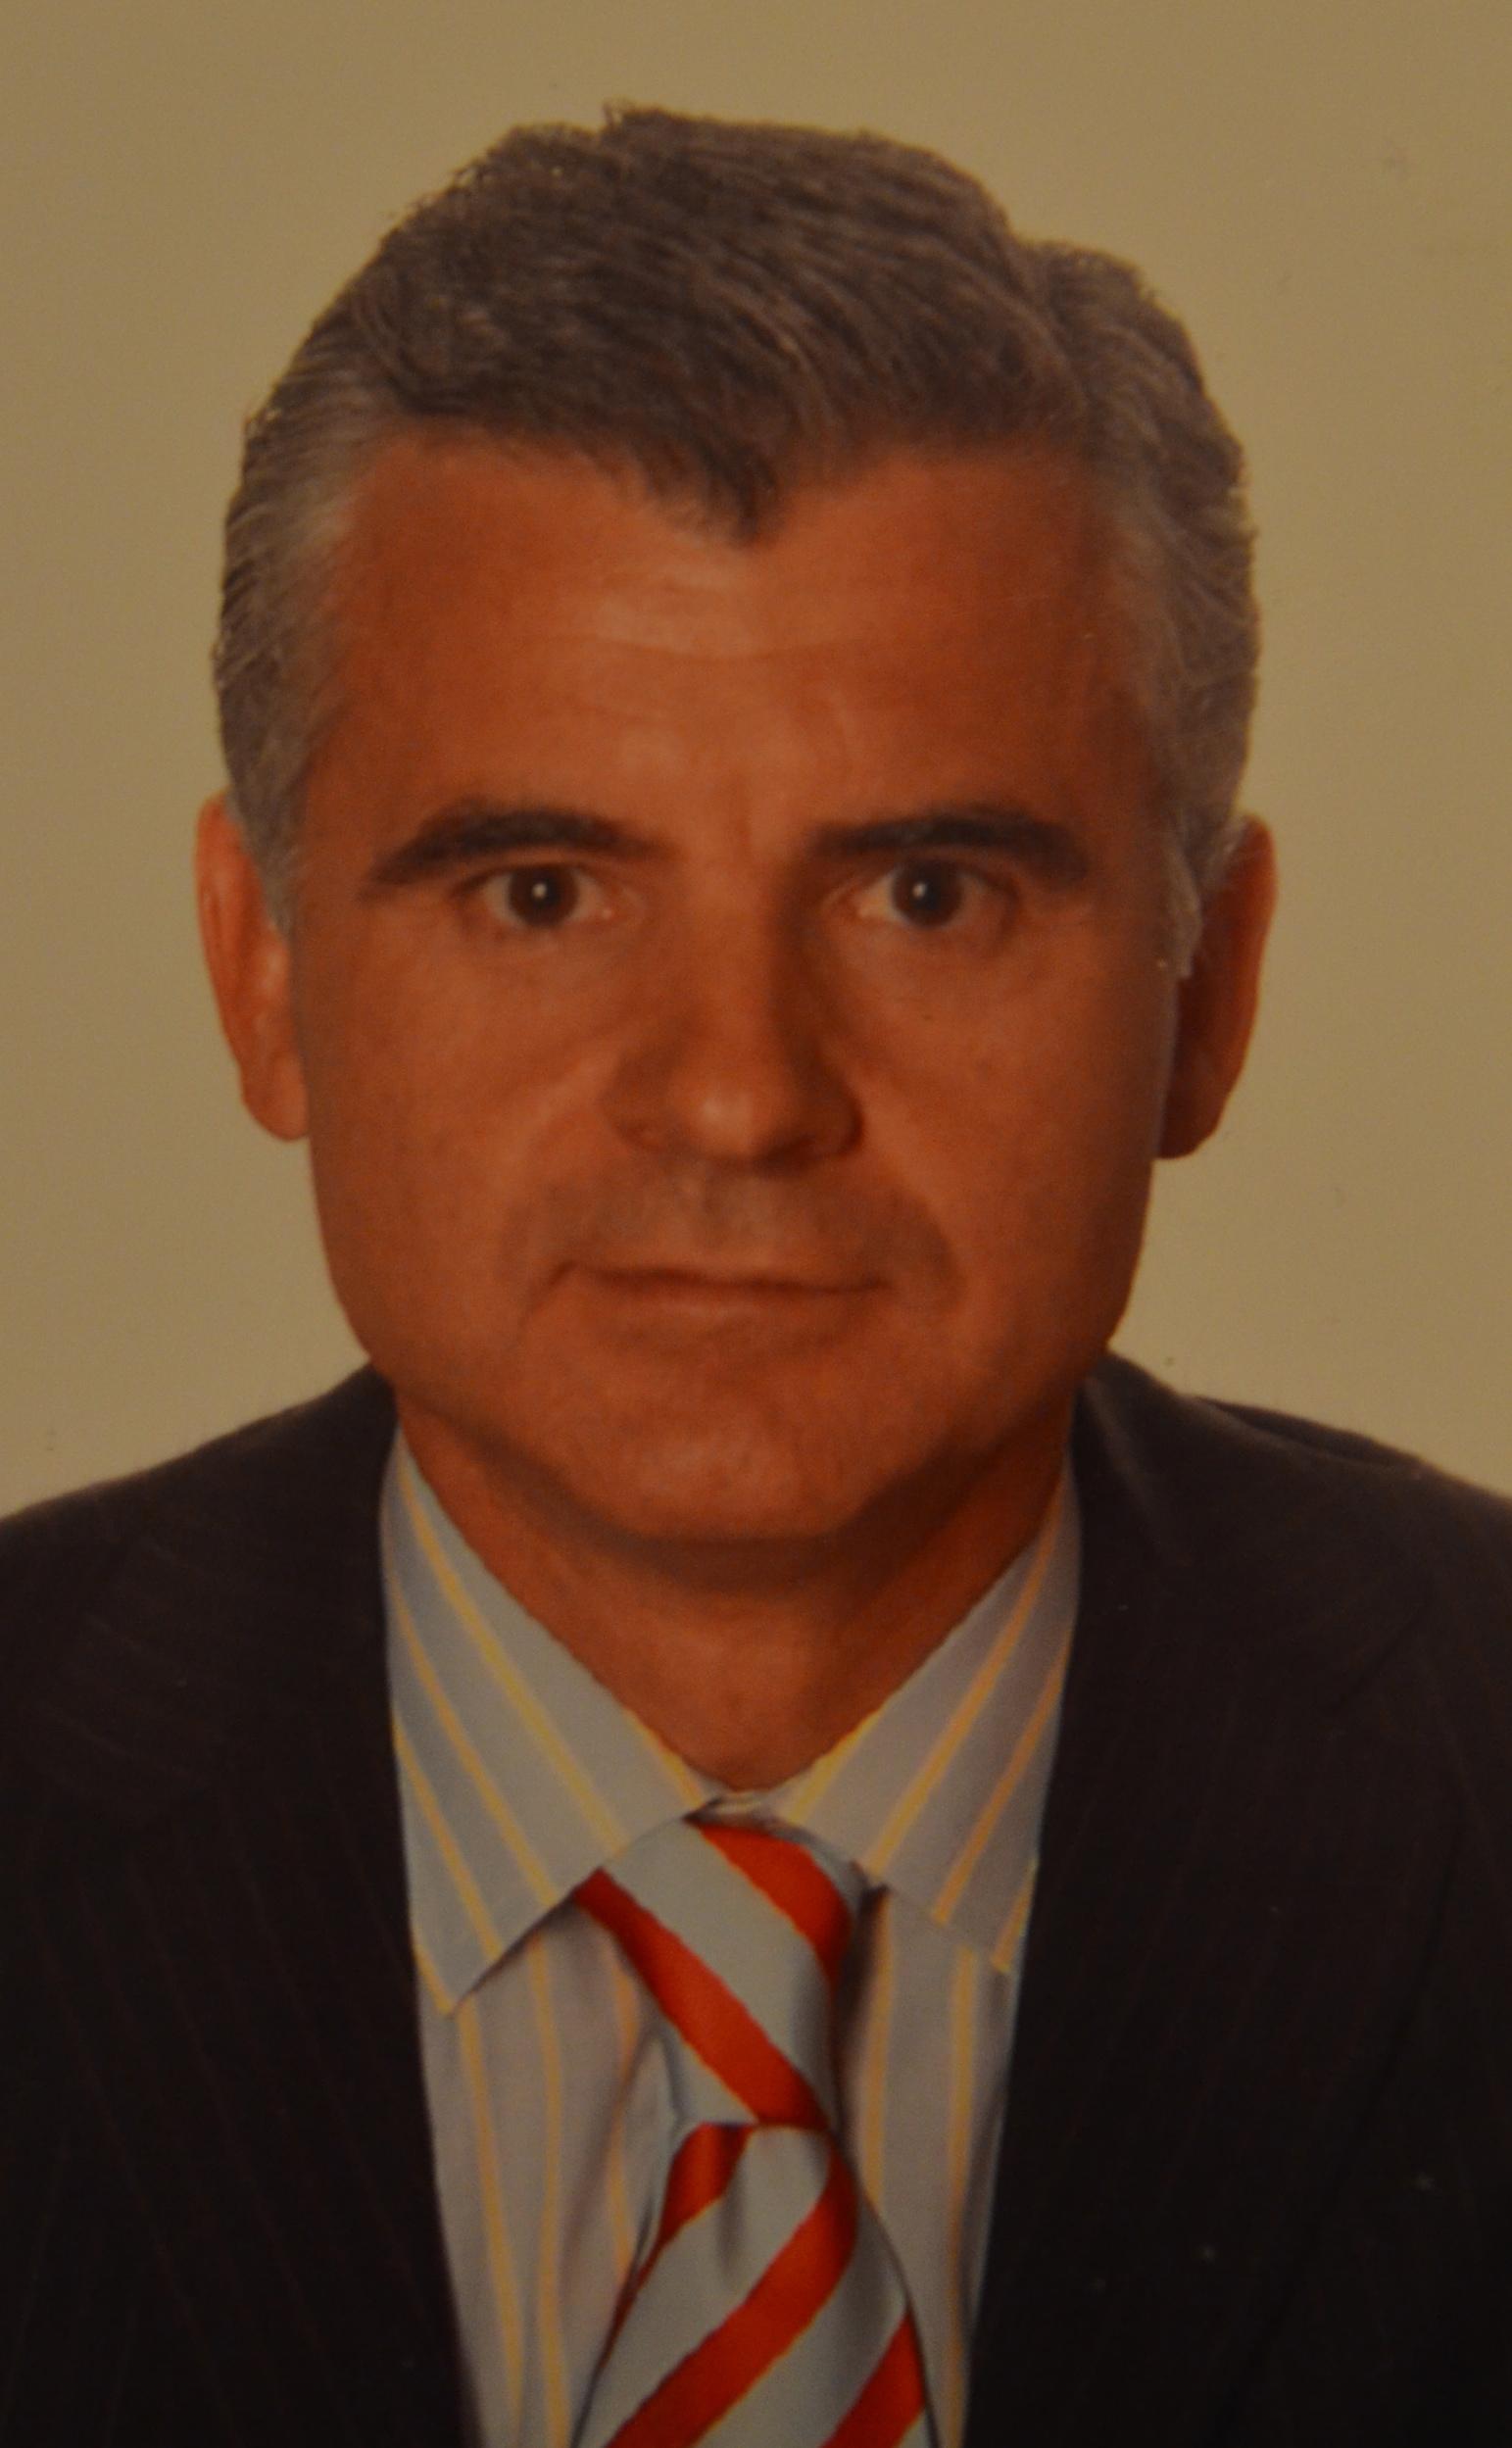 Despacho de abogados Fernando Cano Martínez Jaén - 3480309_120863